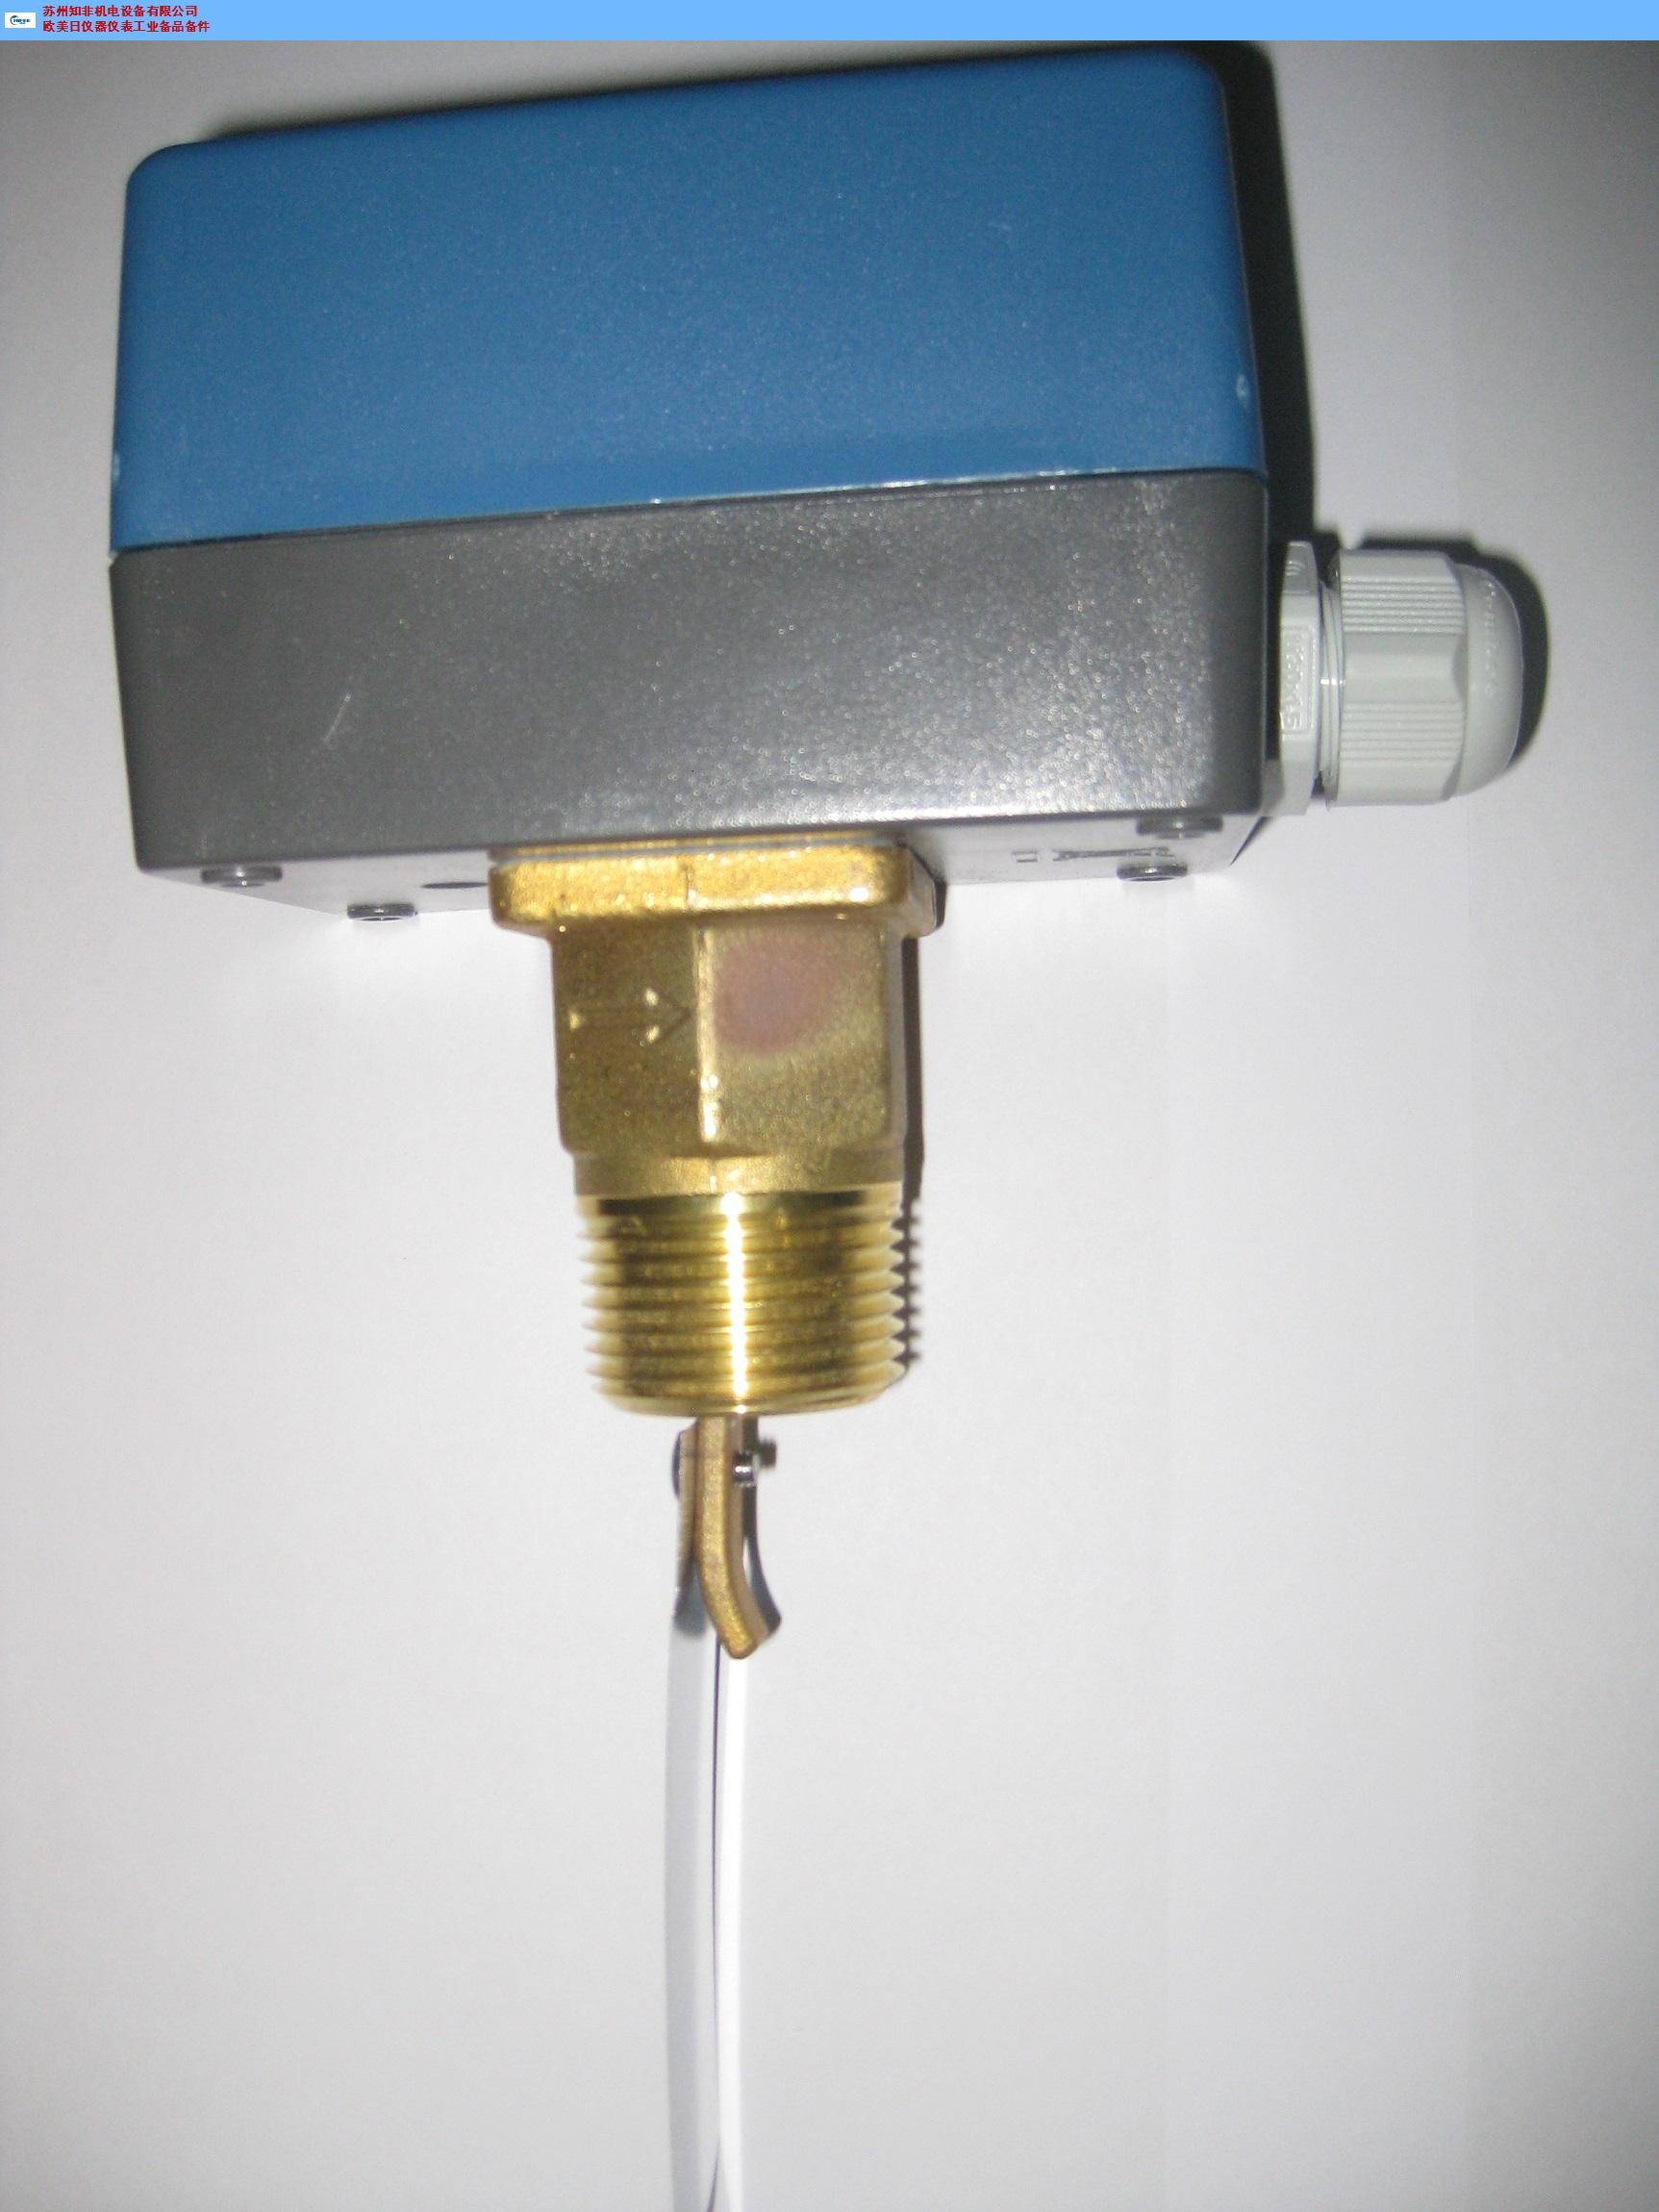 意大利HSW流量传感器原装进口 欢迎来电 苏州知非机电设备供应